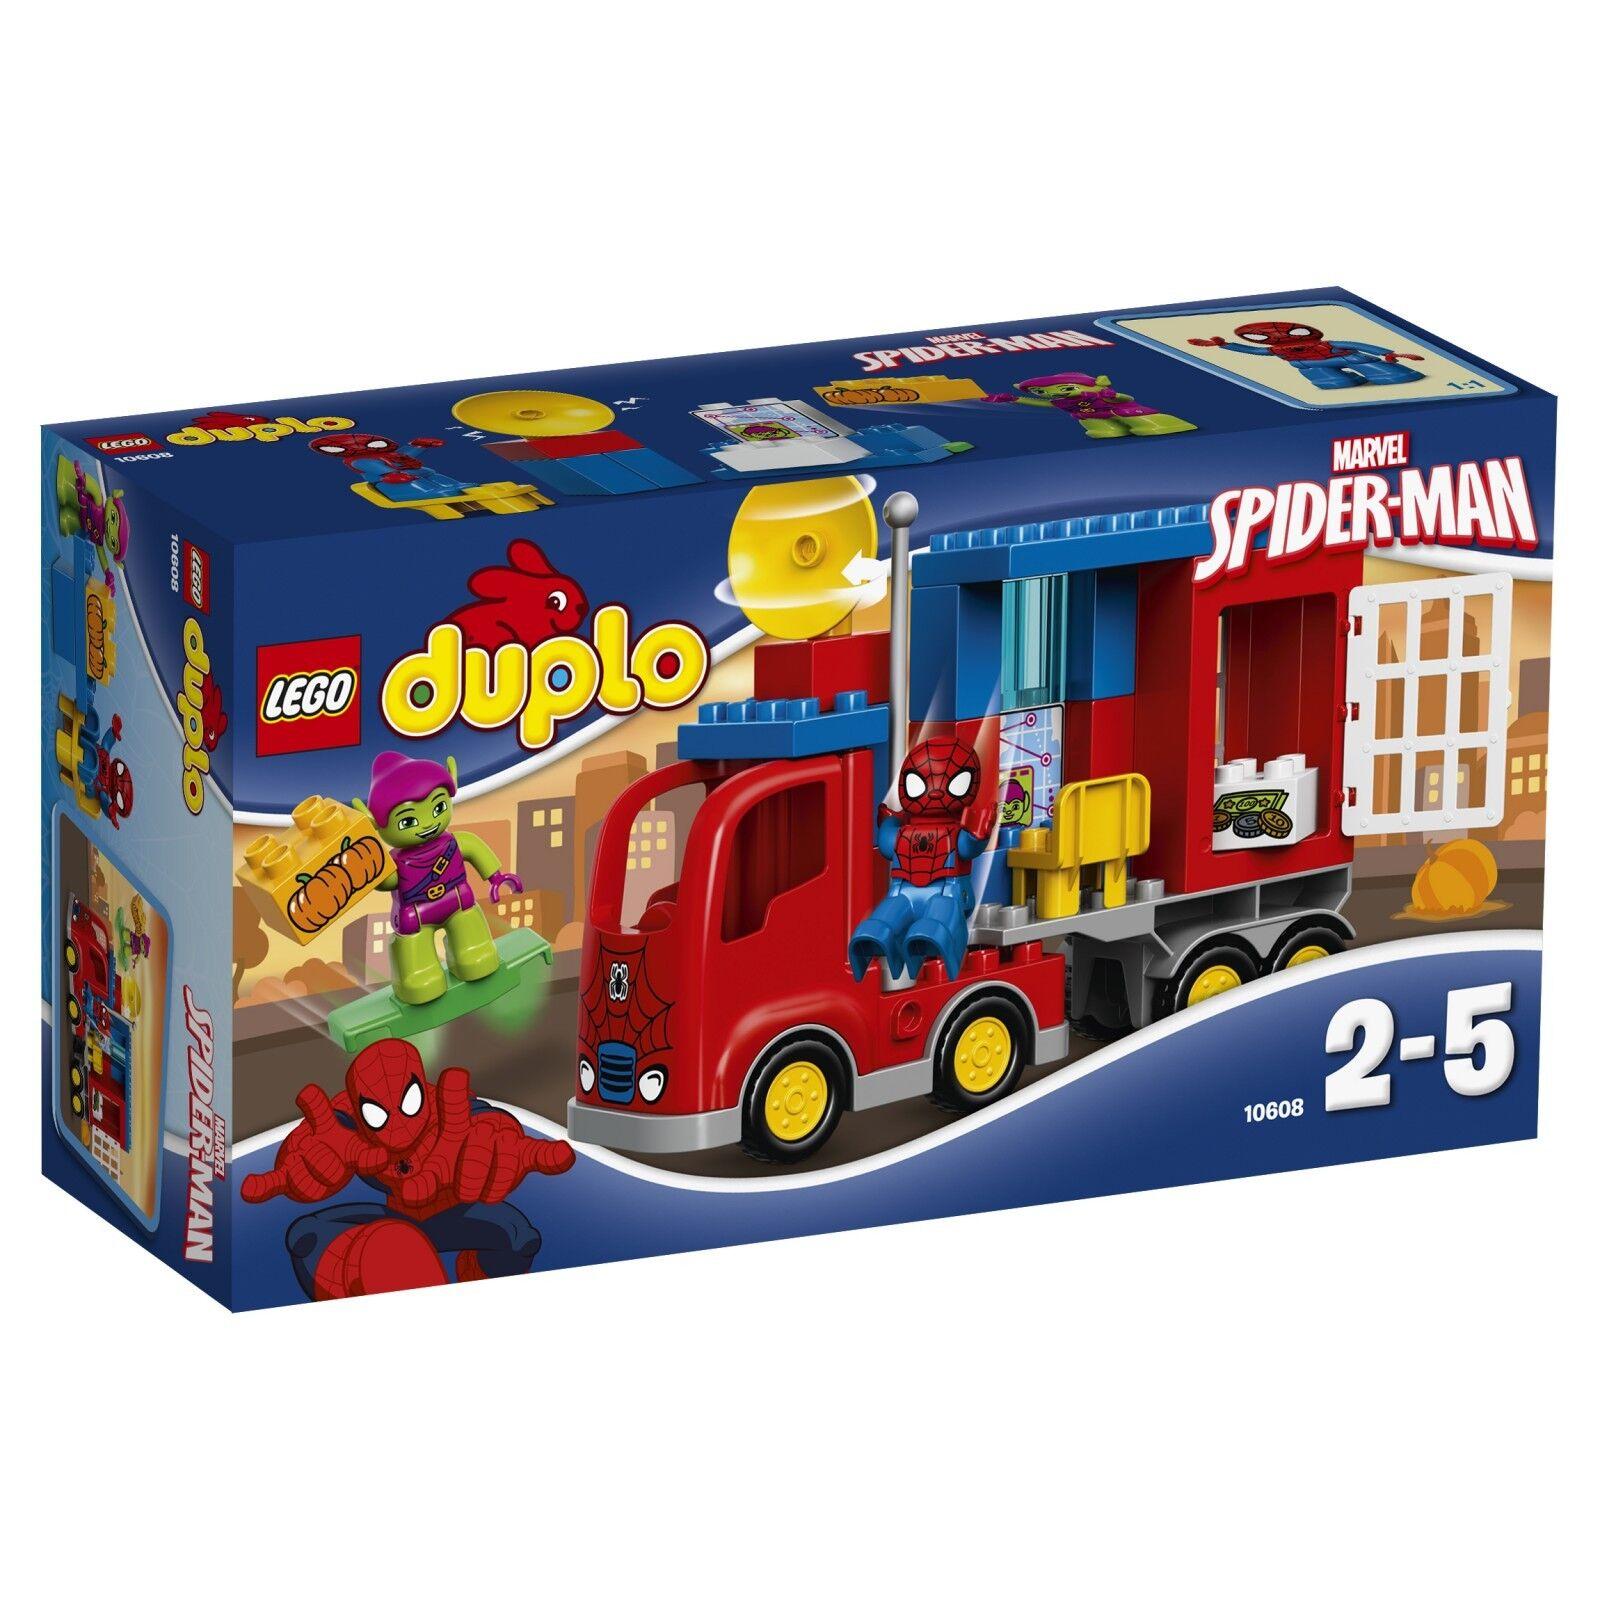 LEGO ® DUPLO ® 10608 Spider-Man-Spider-Camion - Aventure Nouveau neuf dans sa boîte NEW En parfait état, dans sa boîte scellée Boîte d'origine jamais ouverte